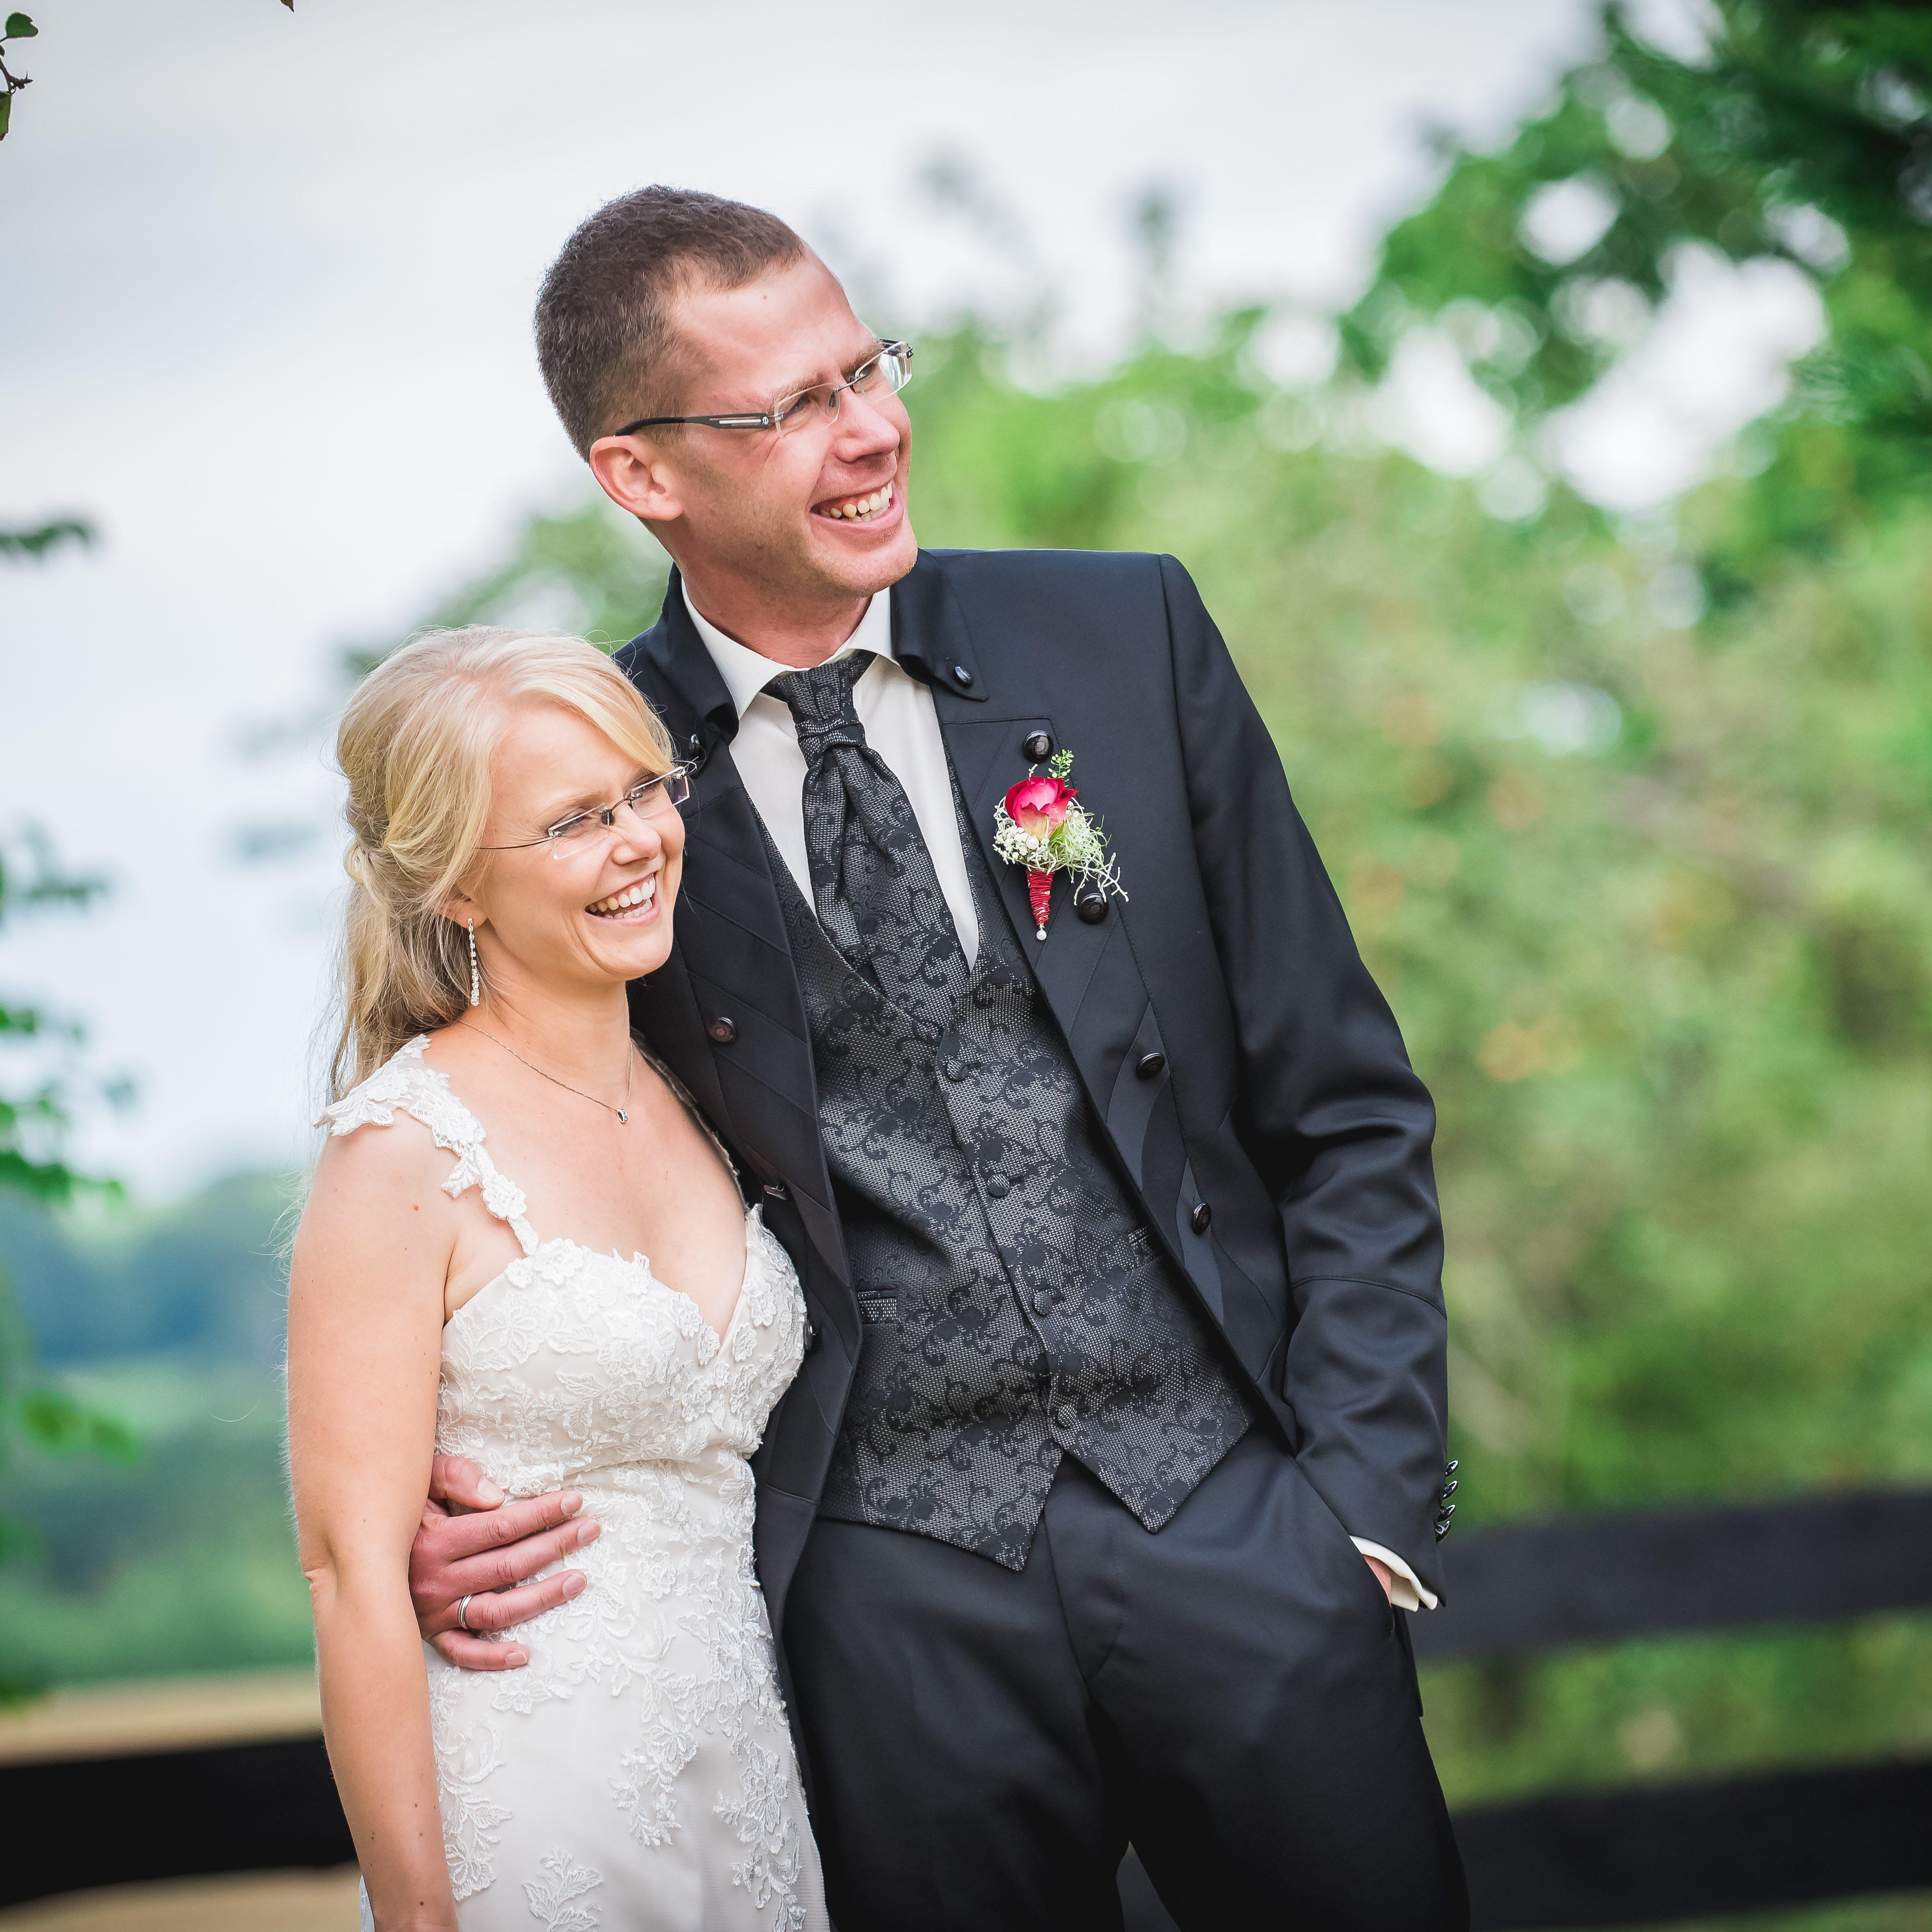 Hochzeitsplanung, Weddingplanner, Organsiation Hochzeit